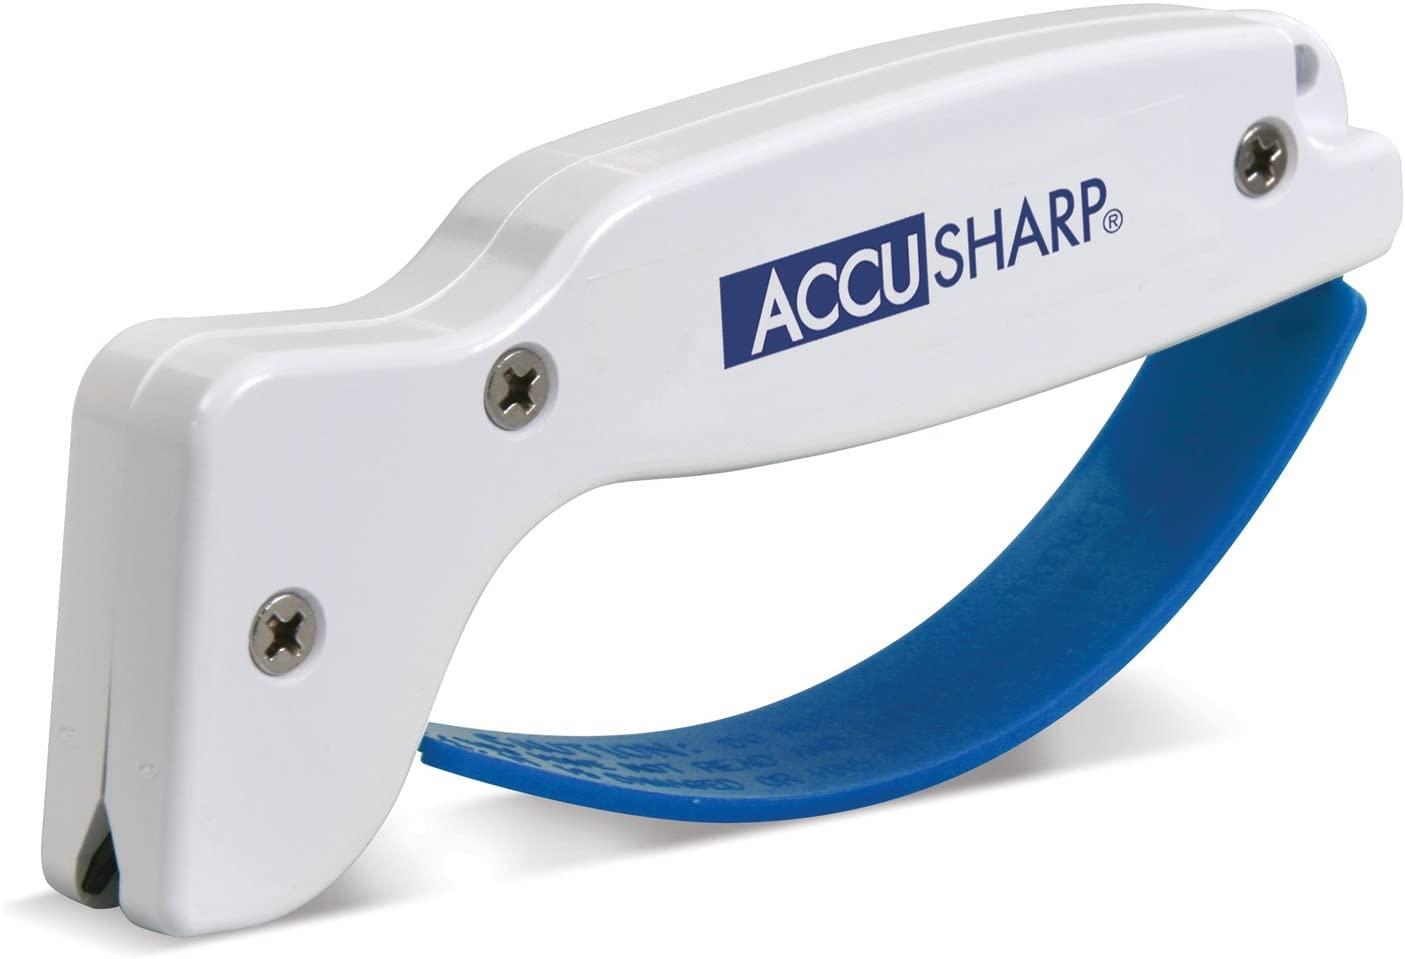 AccuSharp Sharpener